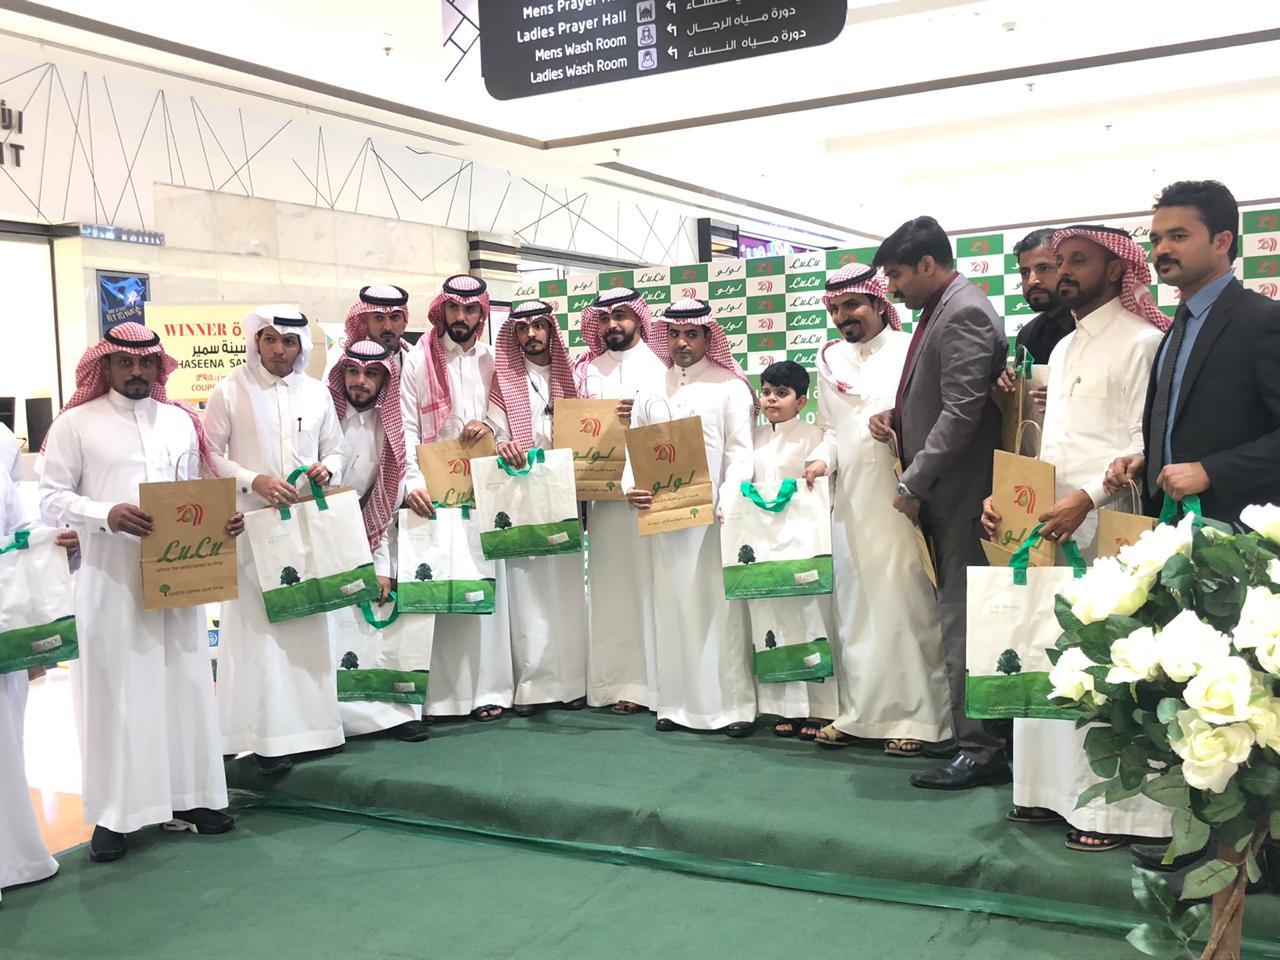 بيئة مكة ولولو تدشنان حملة لاكياس التسوق الصديقة للبيئة في جدة